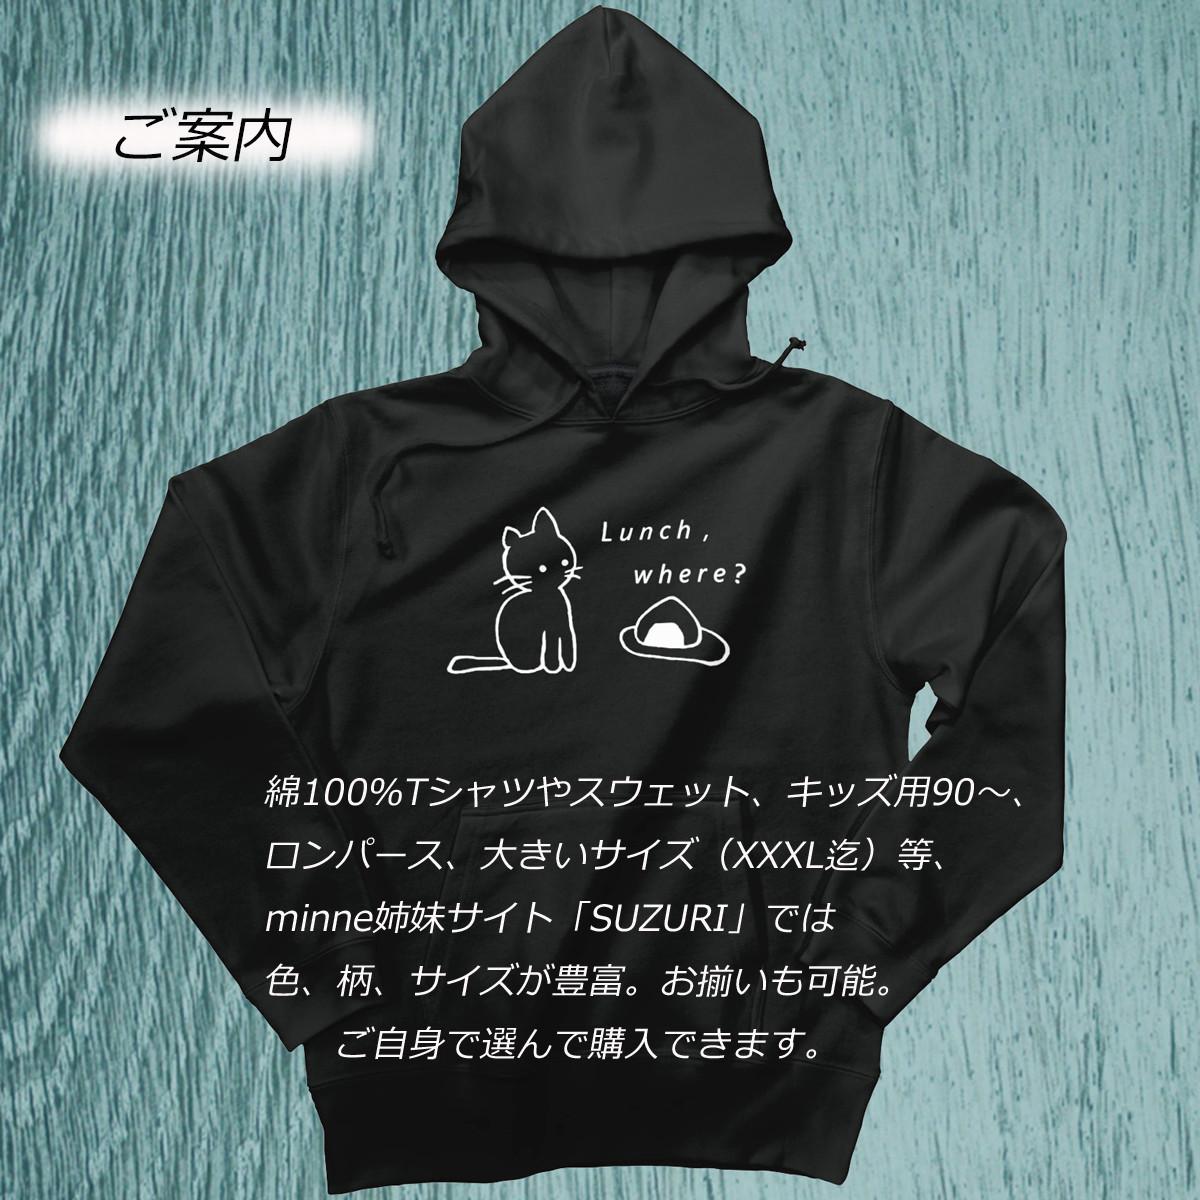 現在SUZURIでは2019年2月4日迄なんと1000円OFF!!